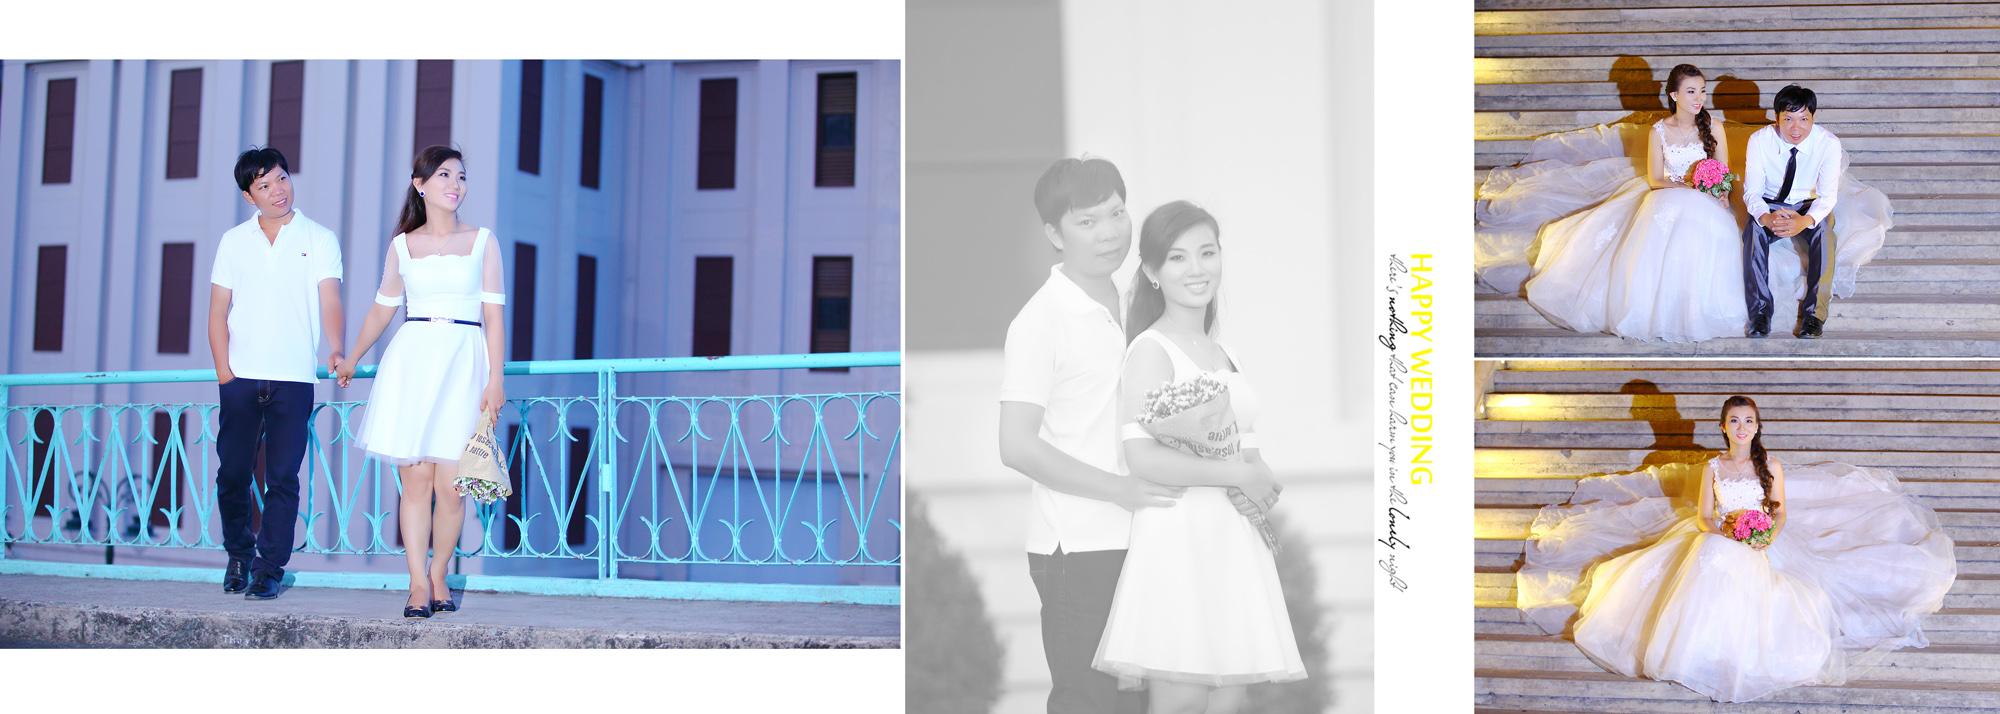 Album chụp hình cưới Trung và Diễm 12